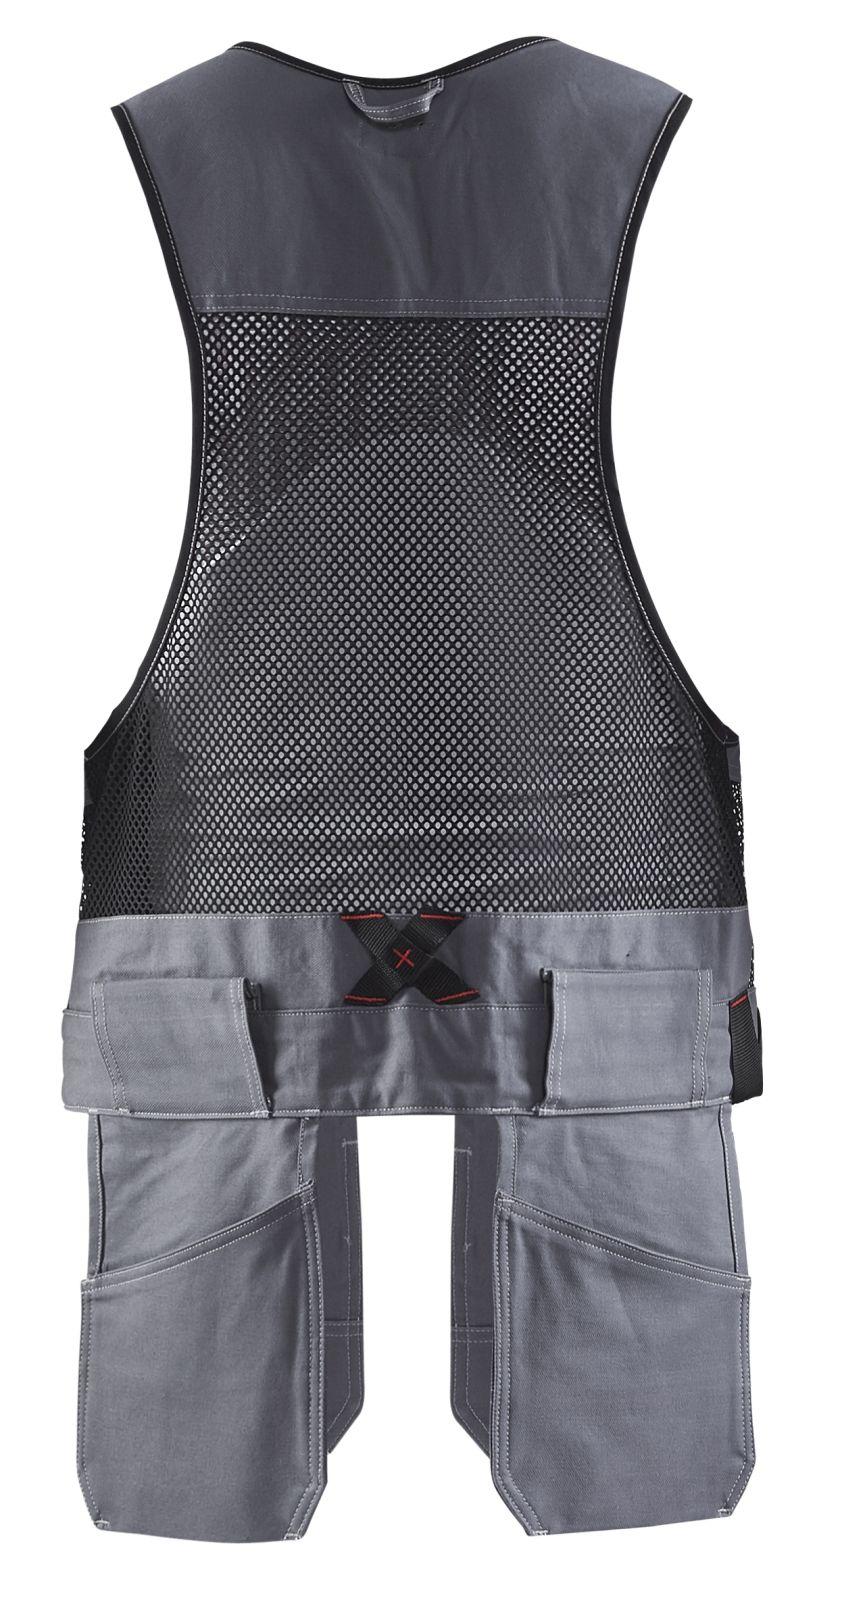 Blaklader Vesten 31001370 grijs-zwart(9499)